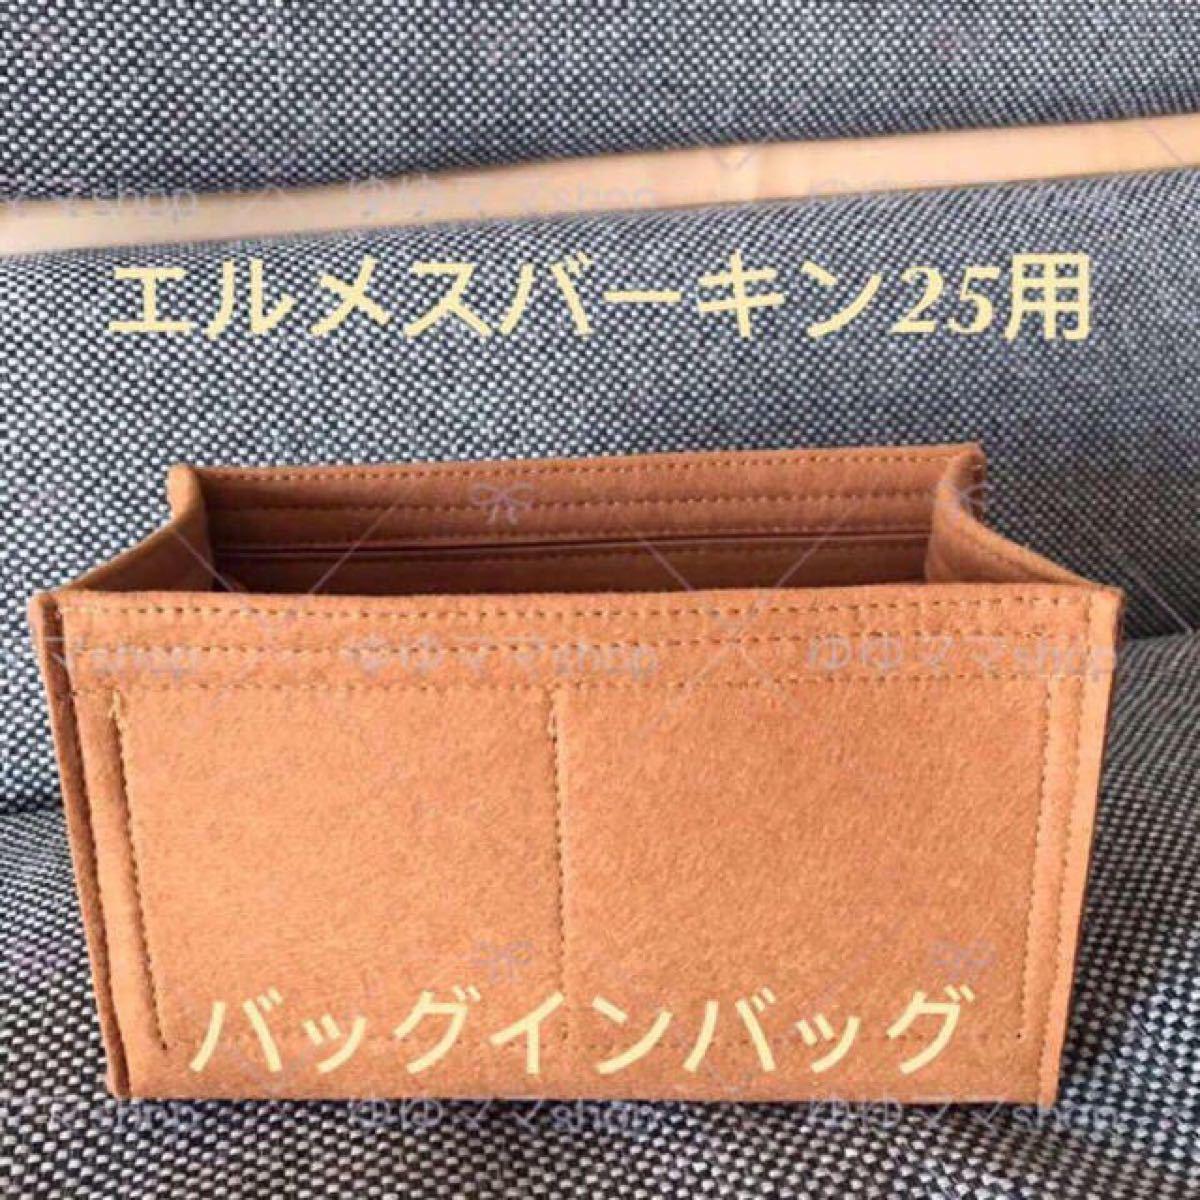 新品バッグインバッグ インナーバッグ ゴールド 25cm用